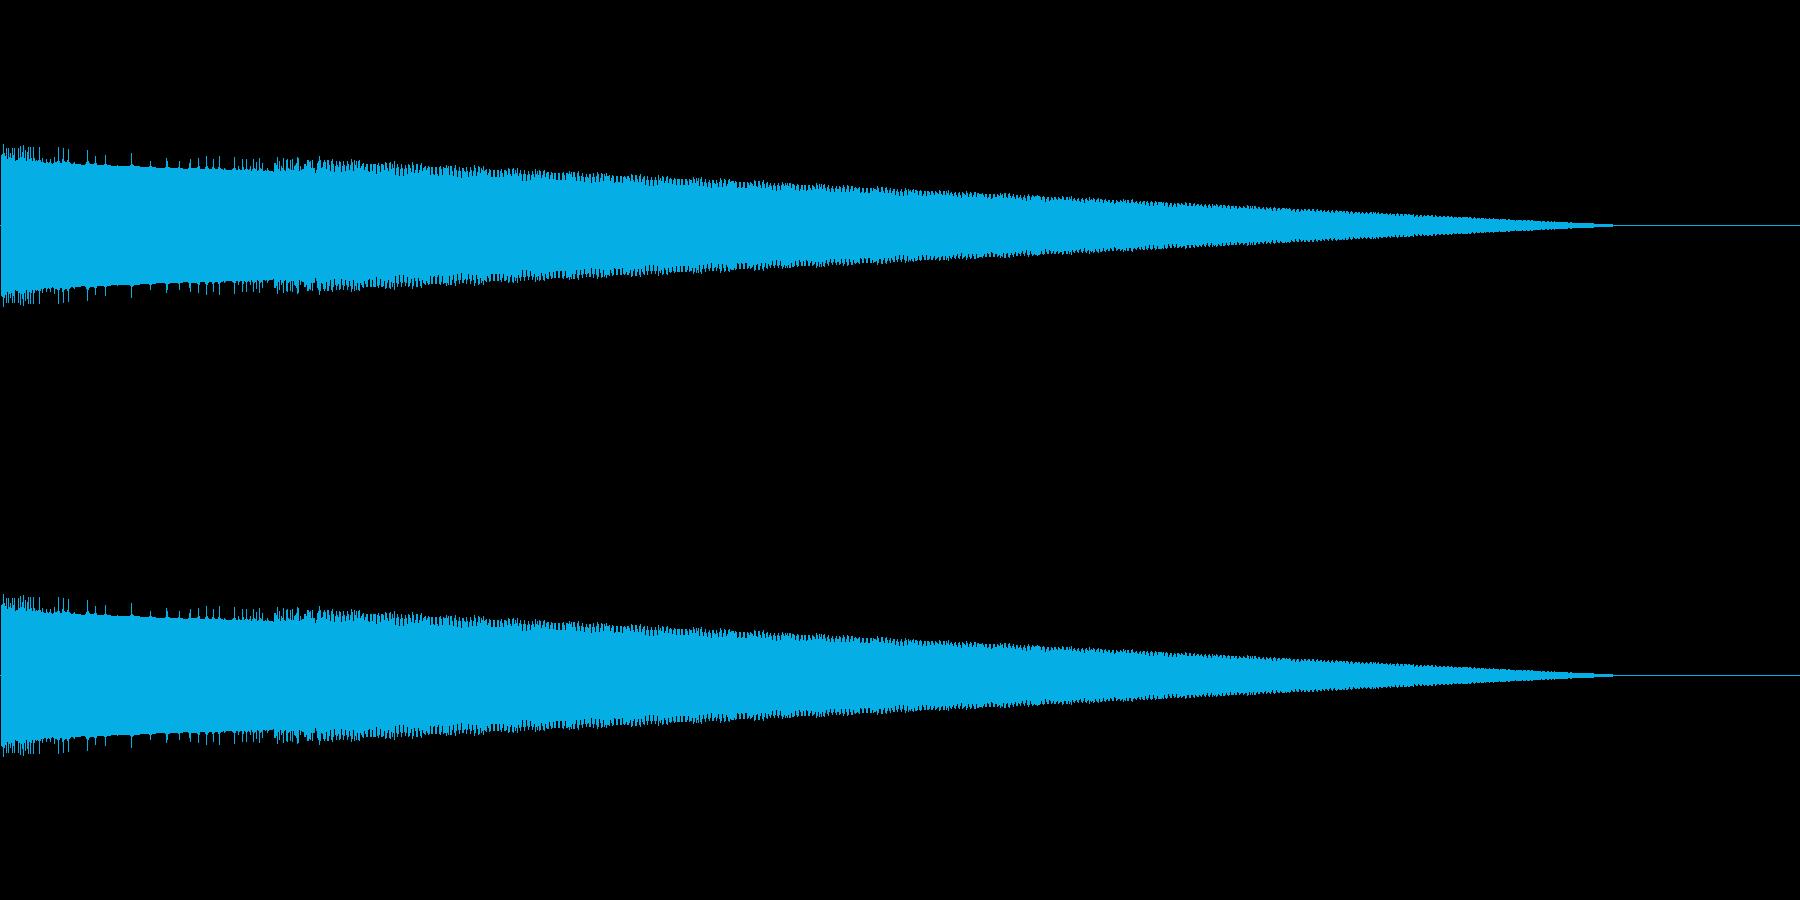 レトロゲーム風ヒット音5の再生済みの波形